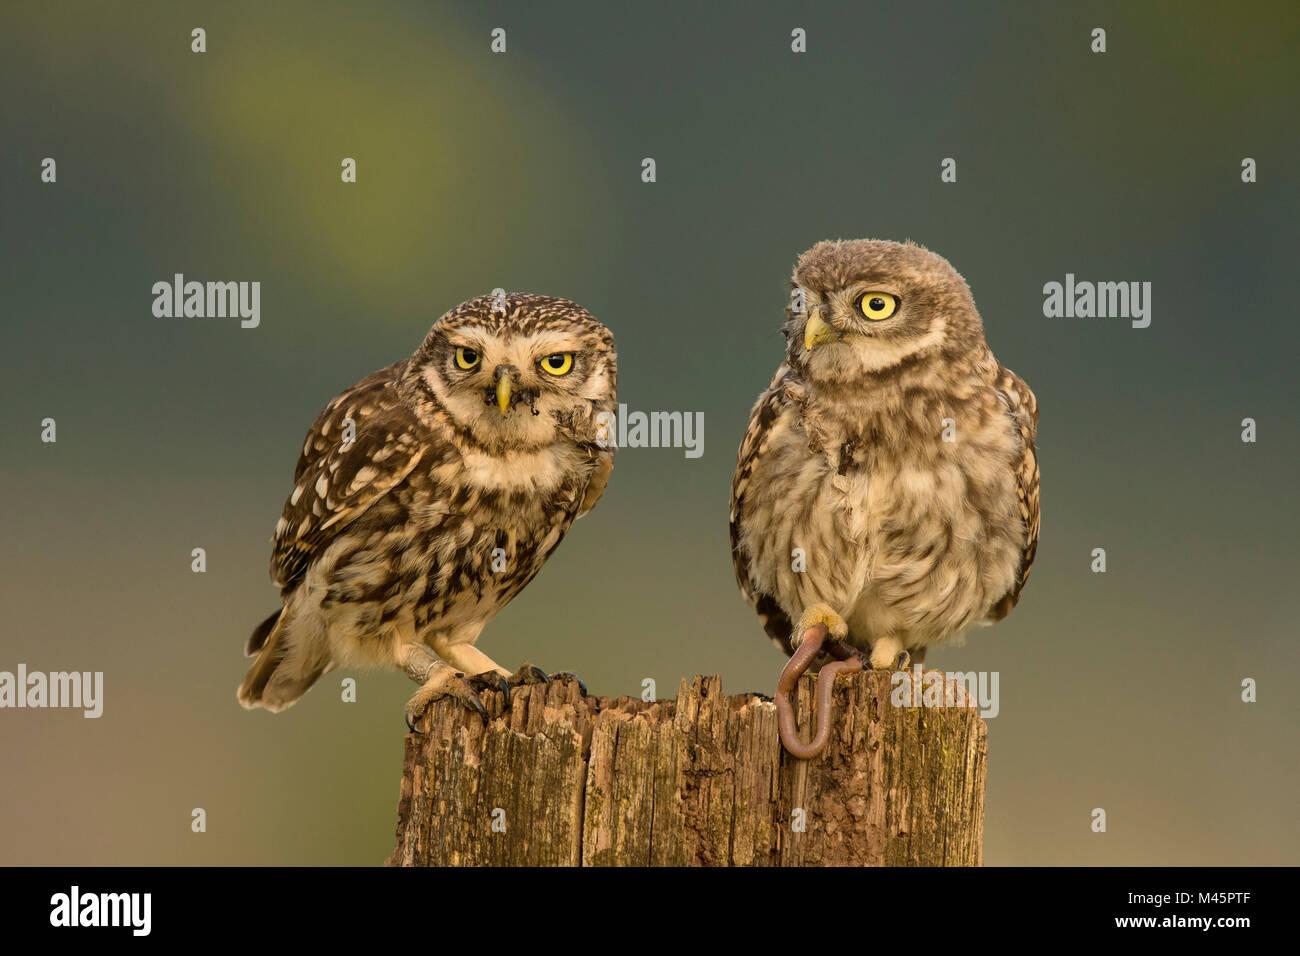 Zwei Steinkäuze (Athene noctua), alte Tier- und junge Tier auf Baumstumpf, Rheinland-Pfalz, Deutschland Stockbild